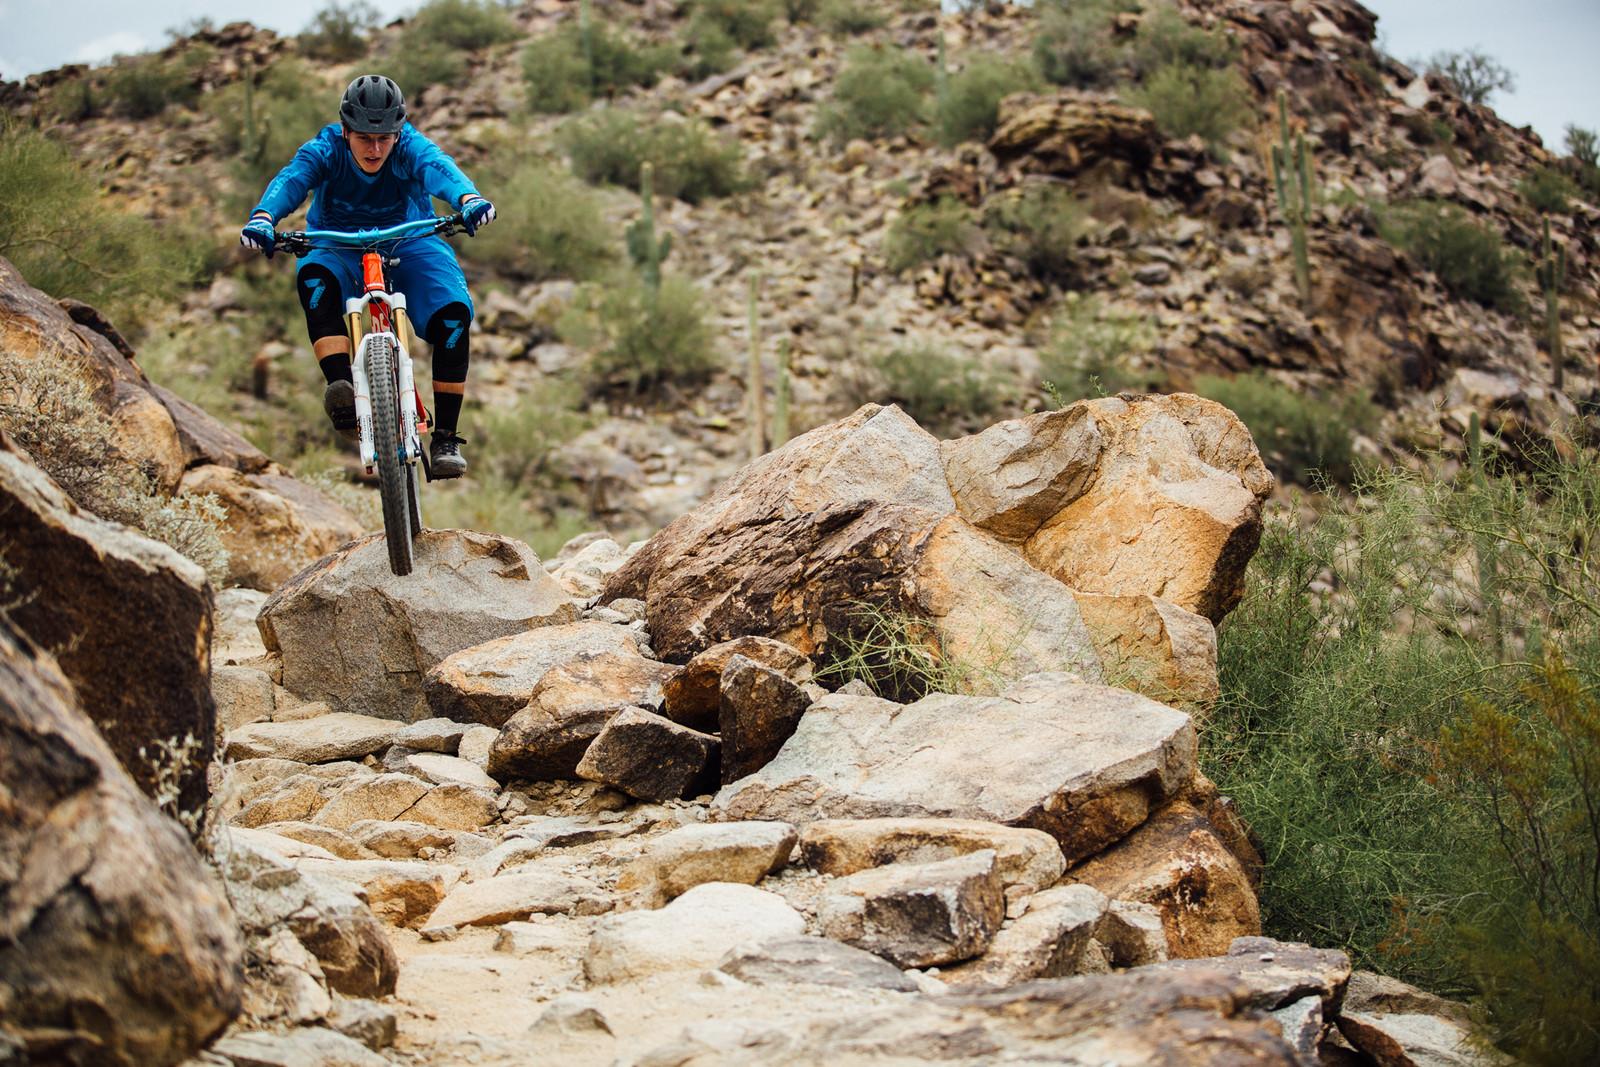 Jamis Defcon 1 - 2016 Vital MTB Test Sessions - Jamis Defcon 1 - 2016 Vital MTB Test Sessions - Mountain Biking Pictures - Vital MTB